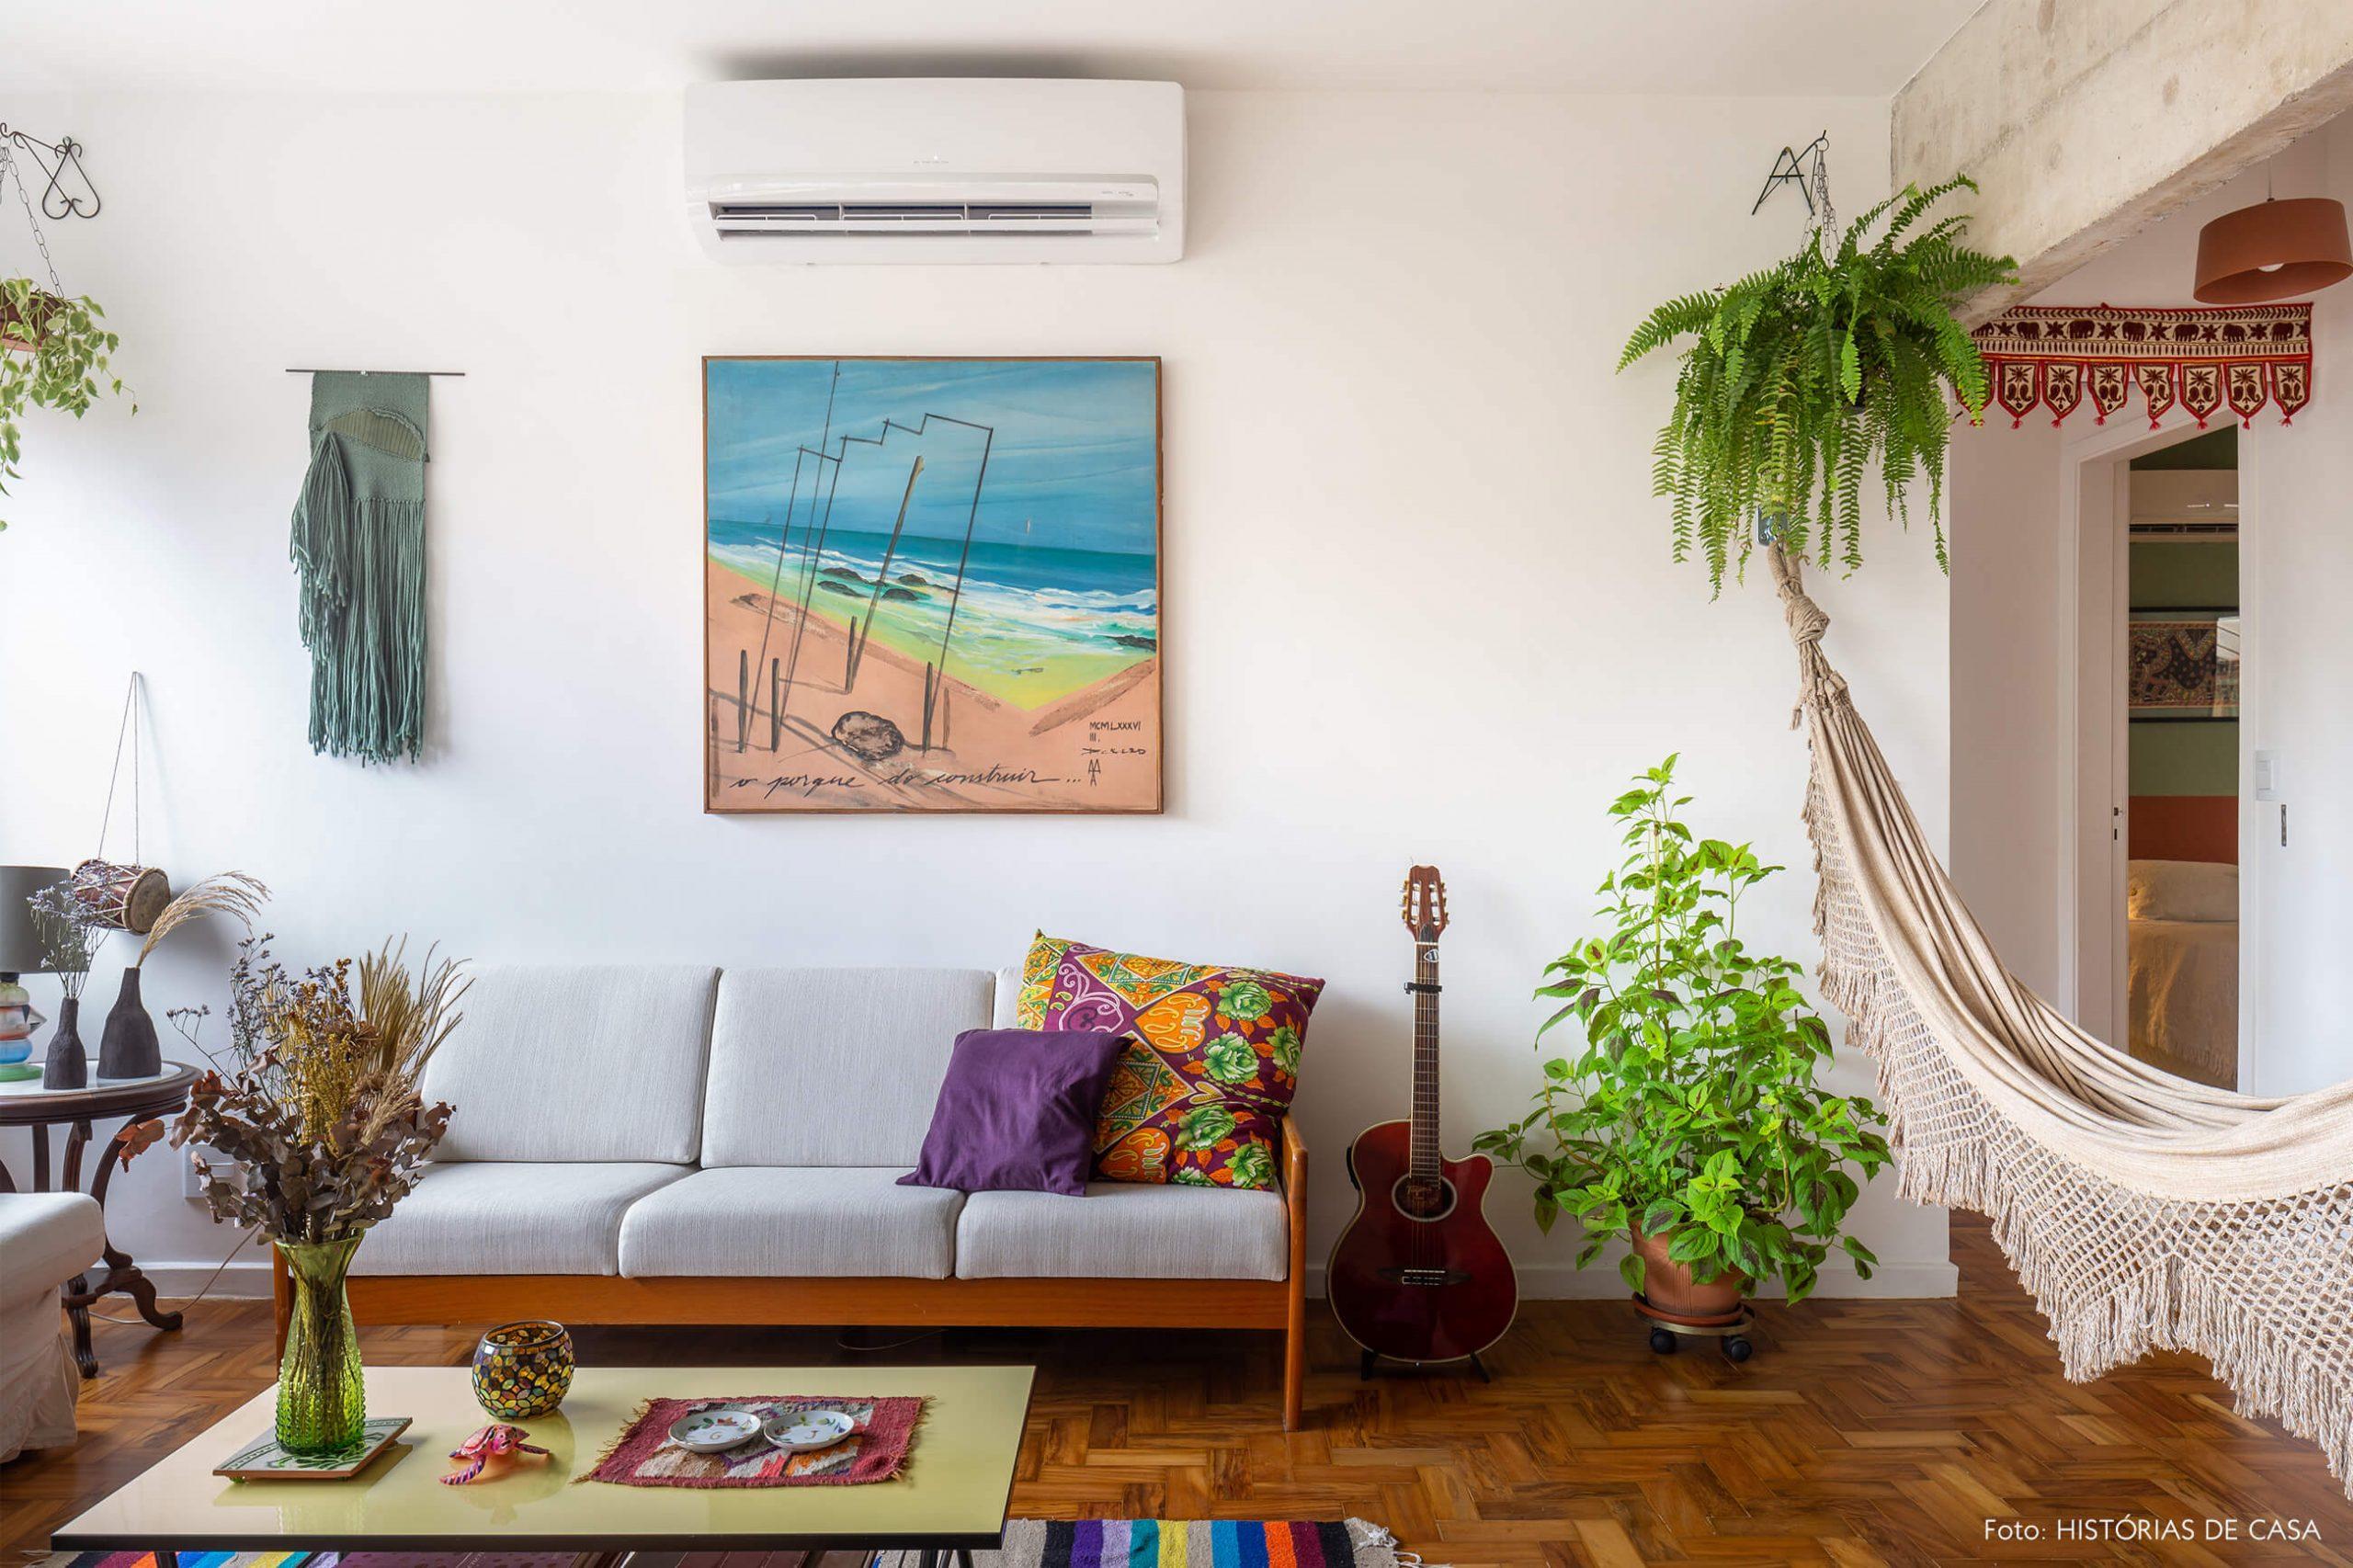 decoração sala com objetos coloridos plantas e rede